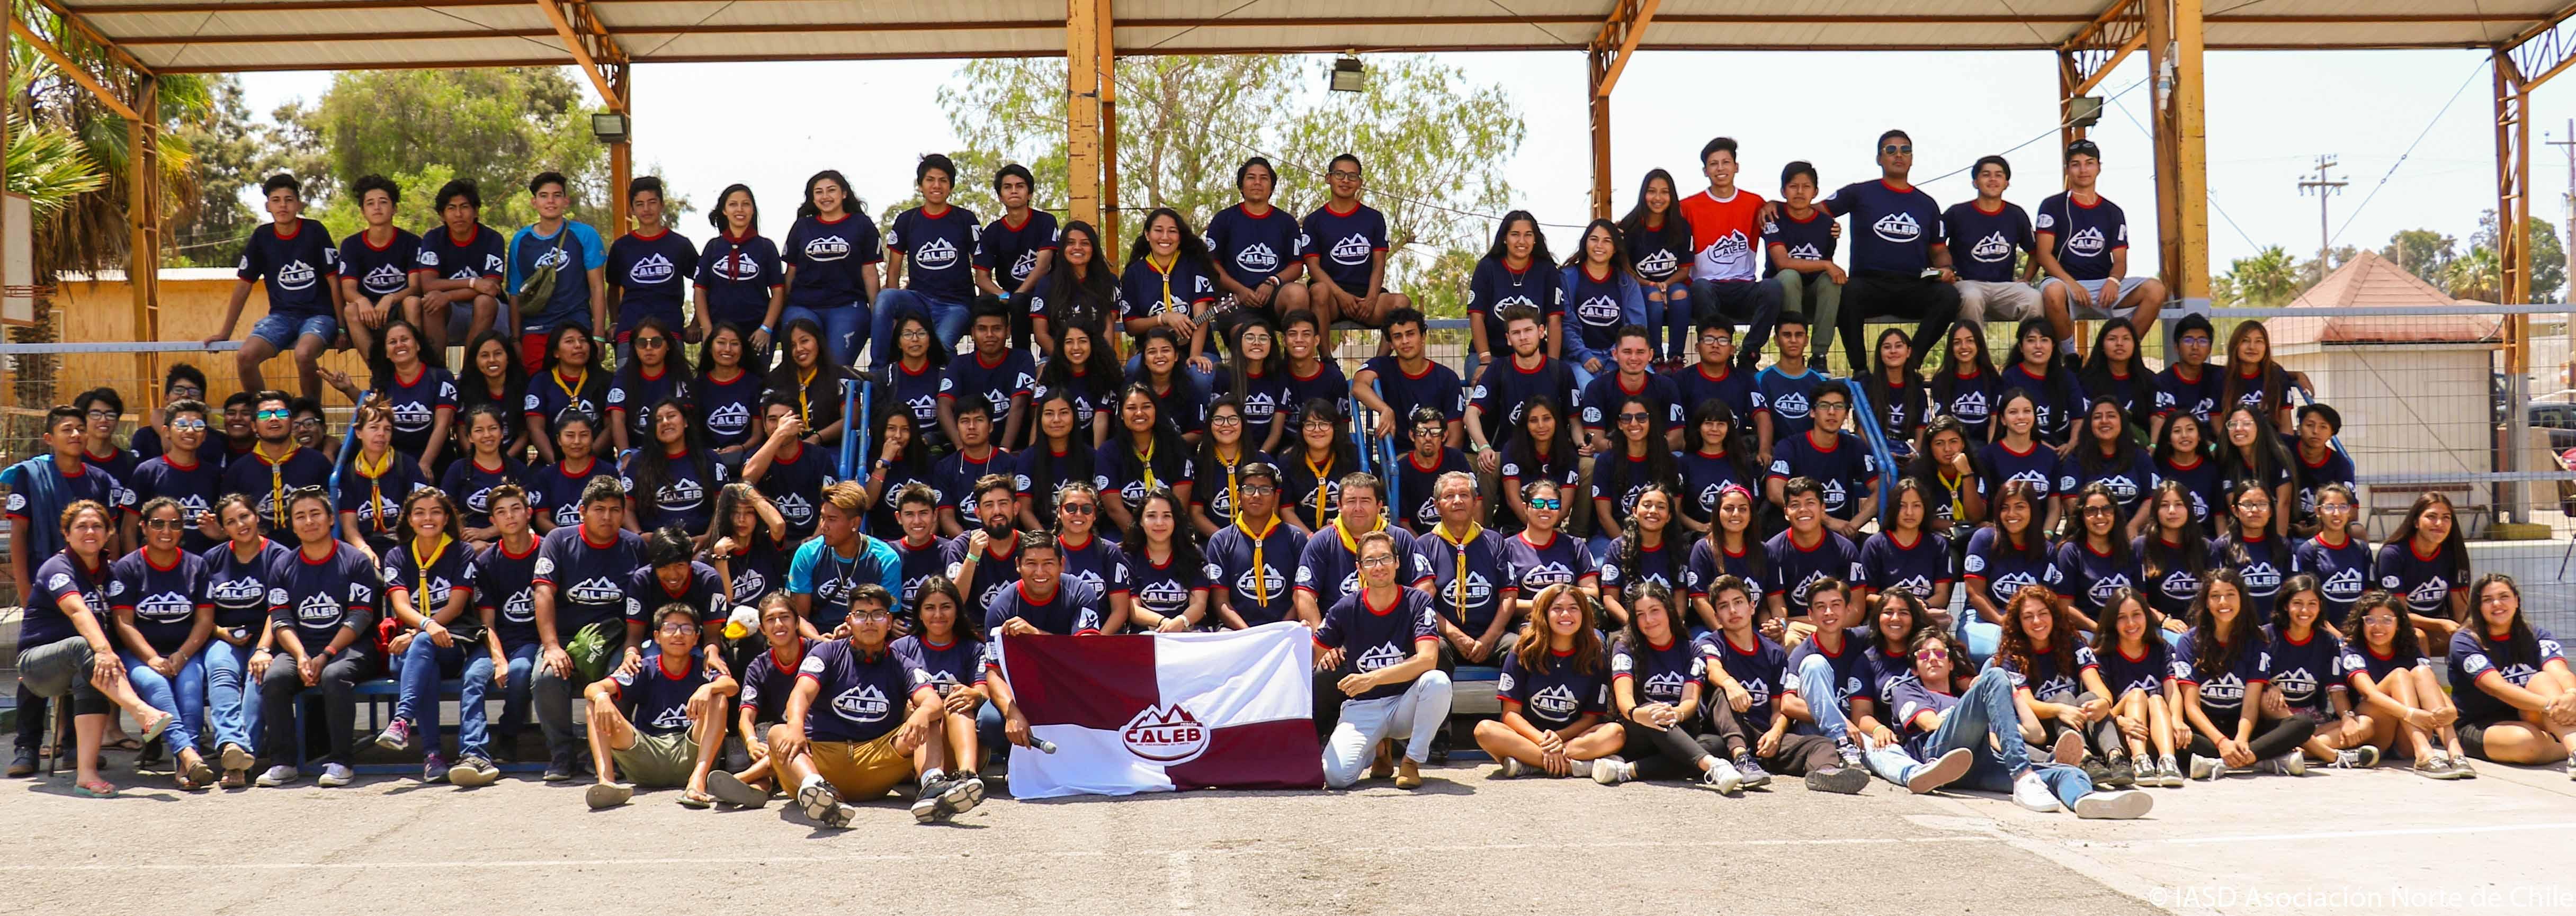 Más de 140 Jóvenes impactaron el Valle de Azapa en Arica, Chile.